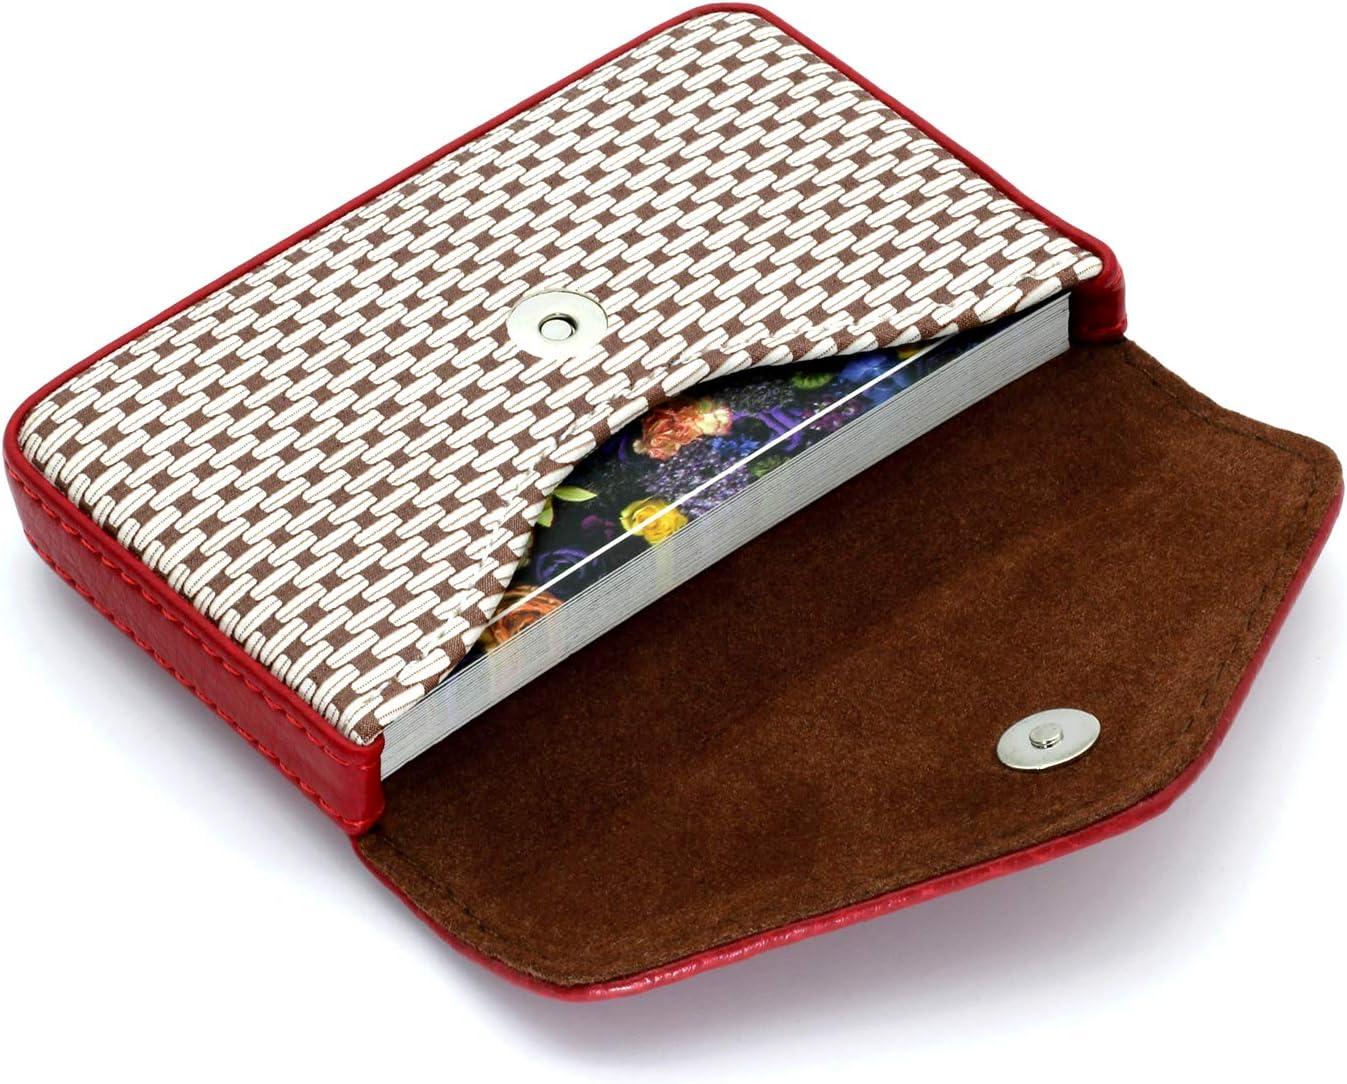 Mehrzweck-Visitenkartenetui aus PU-Leder mit magnetischem Verschluss ideal als Geschenk rot